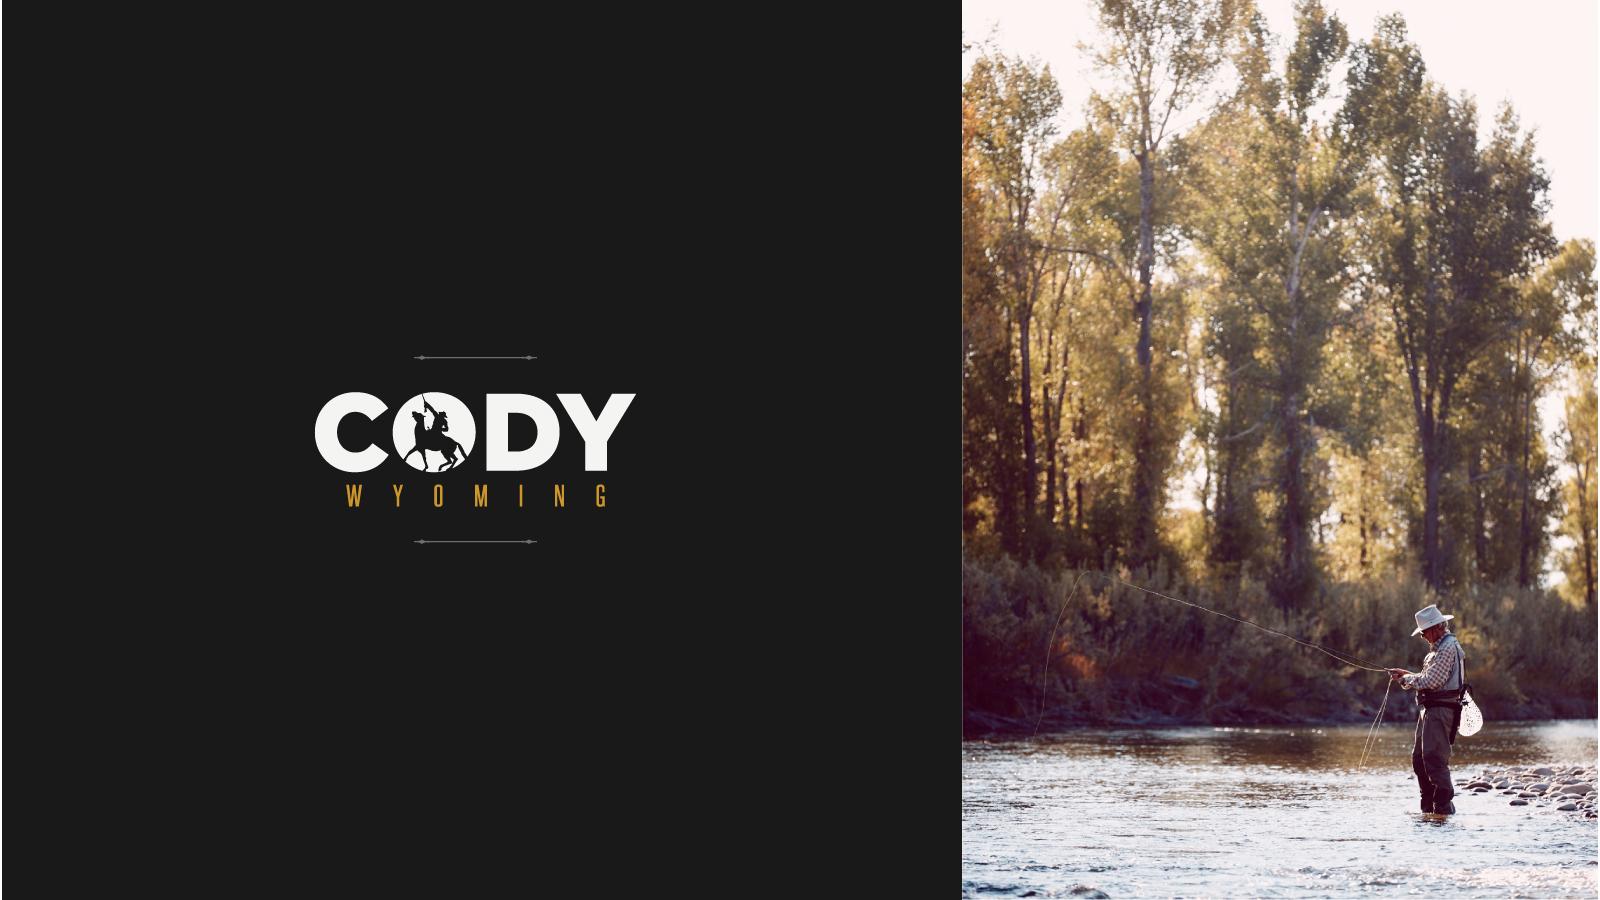 Cody-flyfishing.jpg